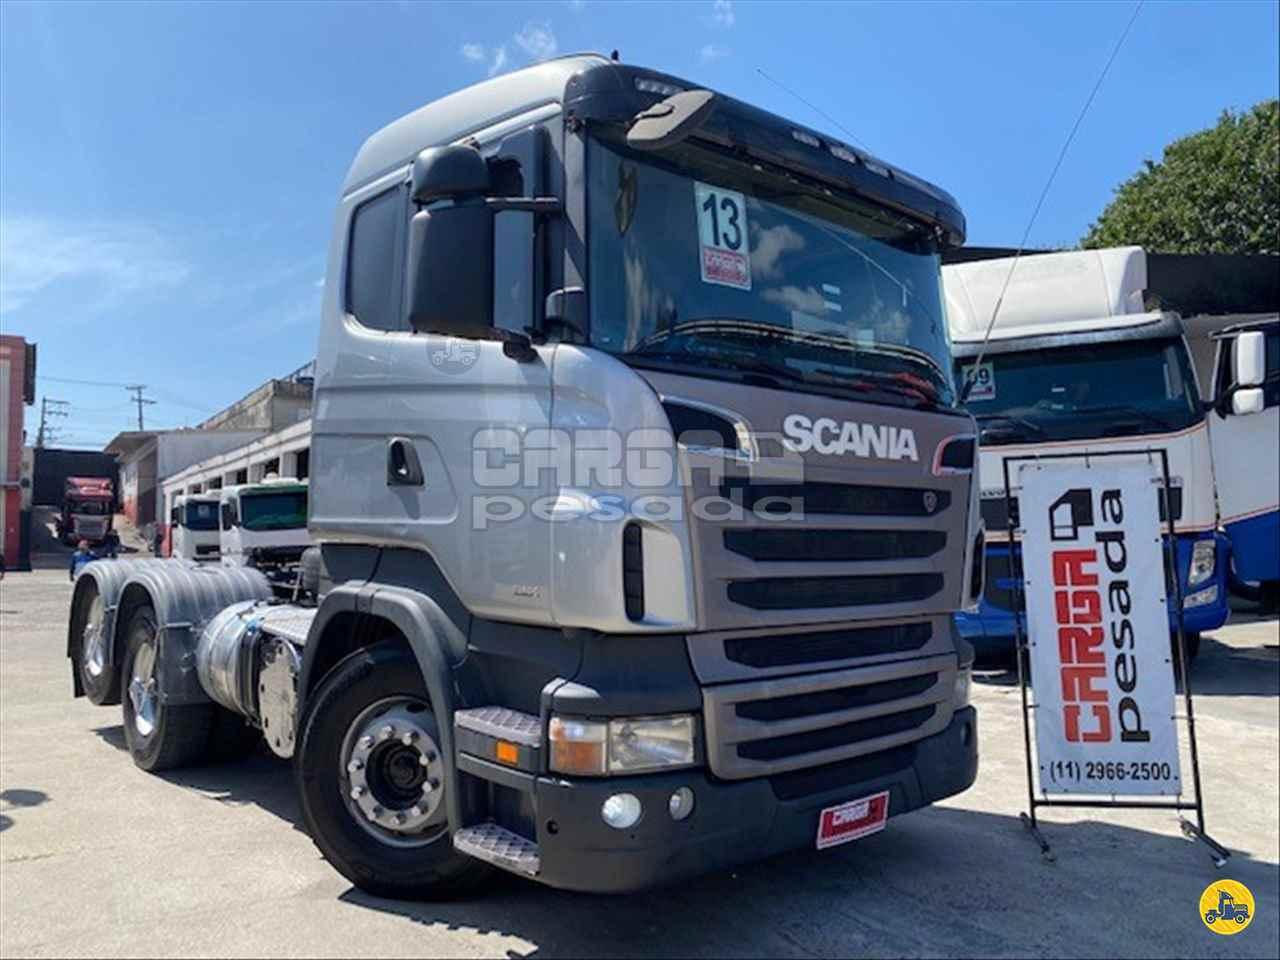 SCANIA 400 de Carga Pesada Caminhões - SAO PAULO/SP